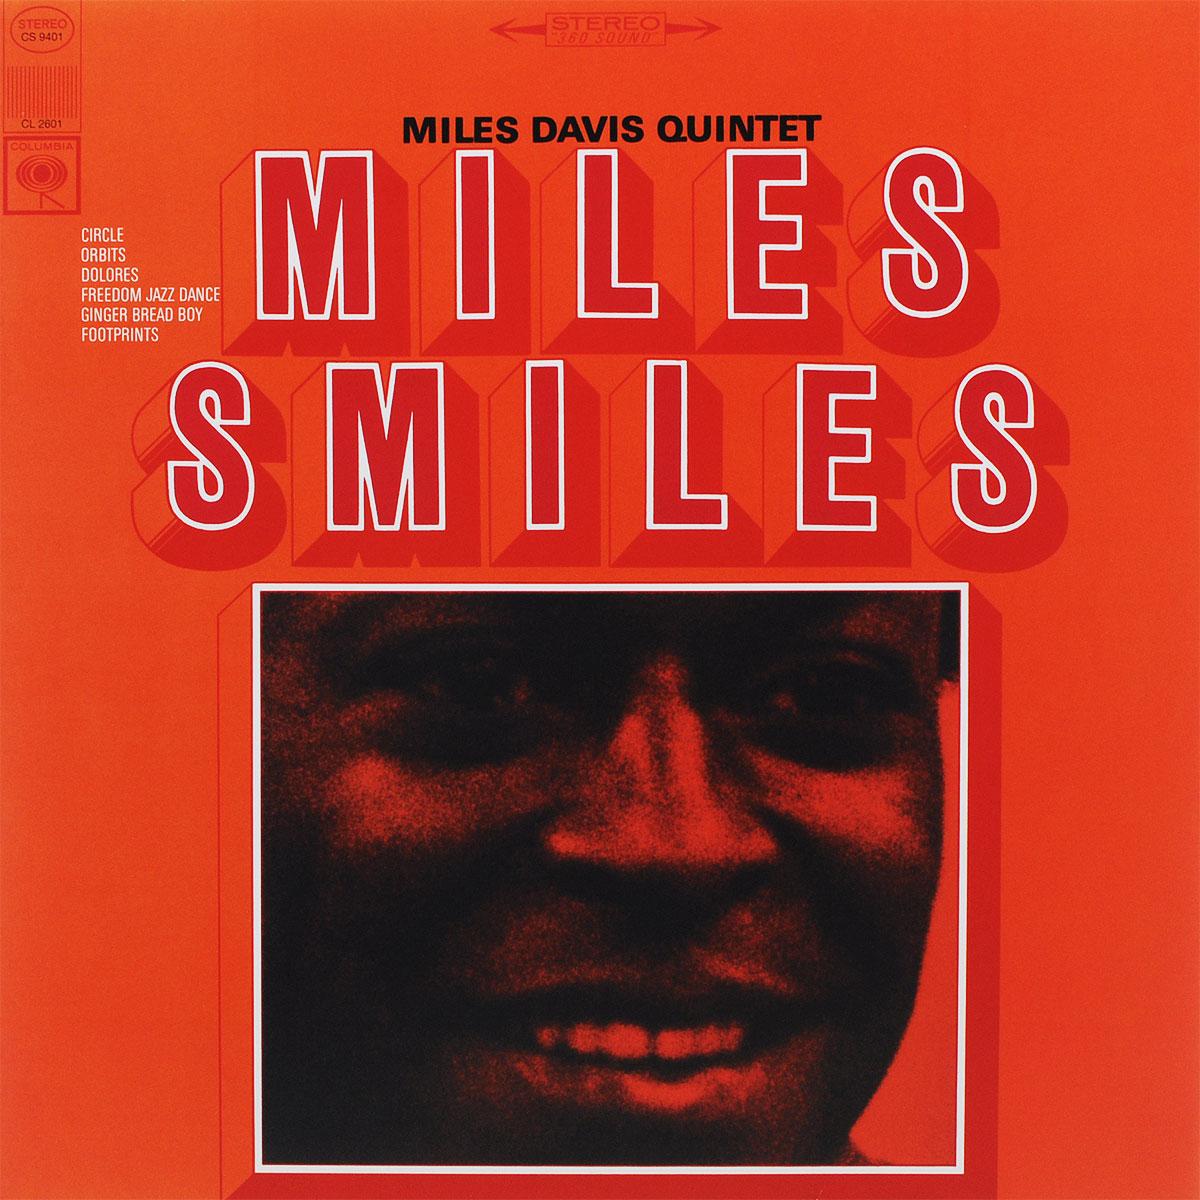 лучшая цена Майлз Дэвис,Miles Davis Quintet DAVIS, MILES -QUINTET- Miles Smiles -Hq- LP